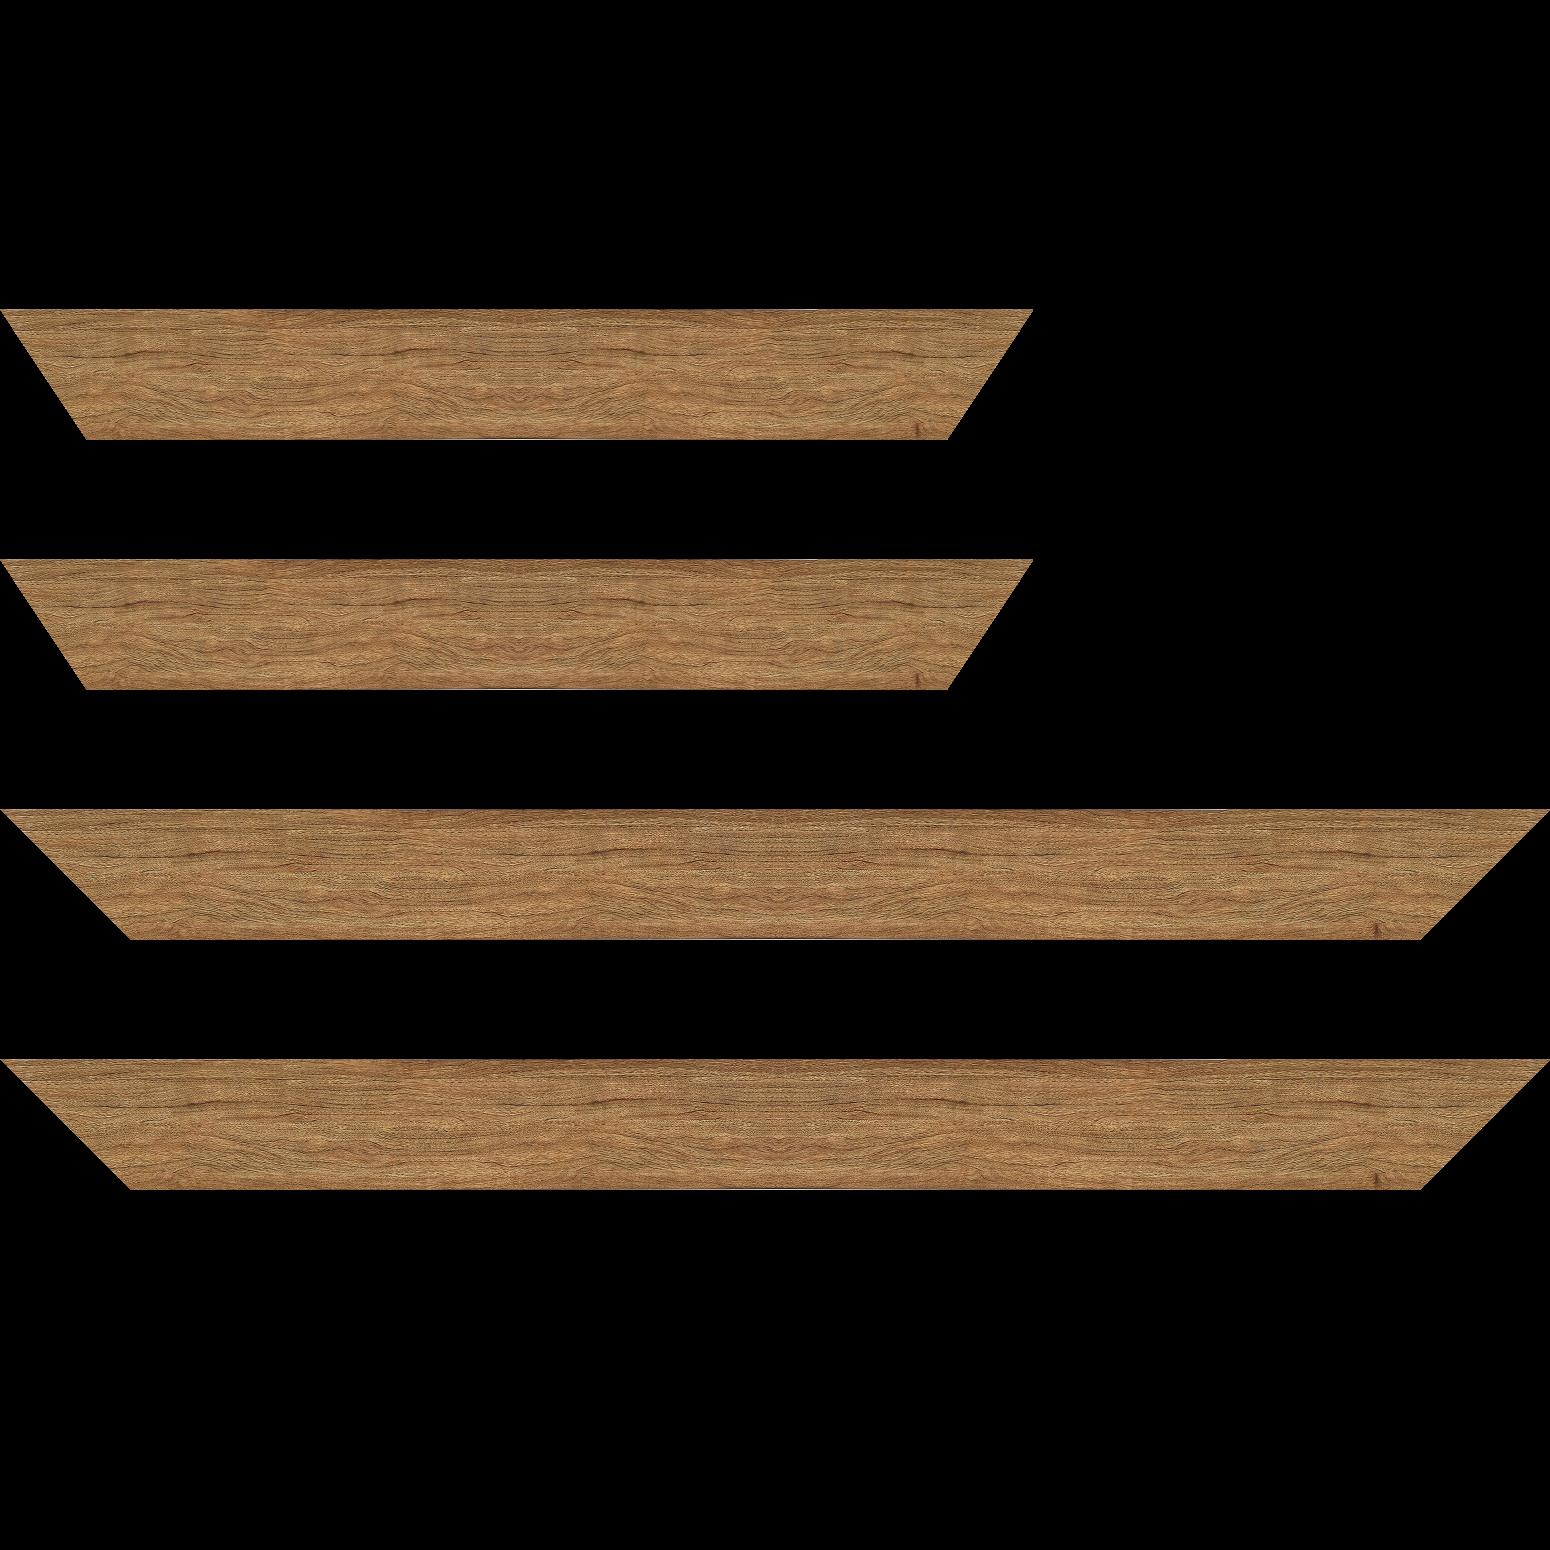 Baguette service précoupé Bois profil plat largeur 4.2cm décor bois chêne doré